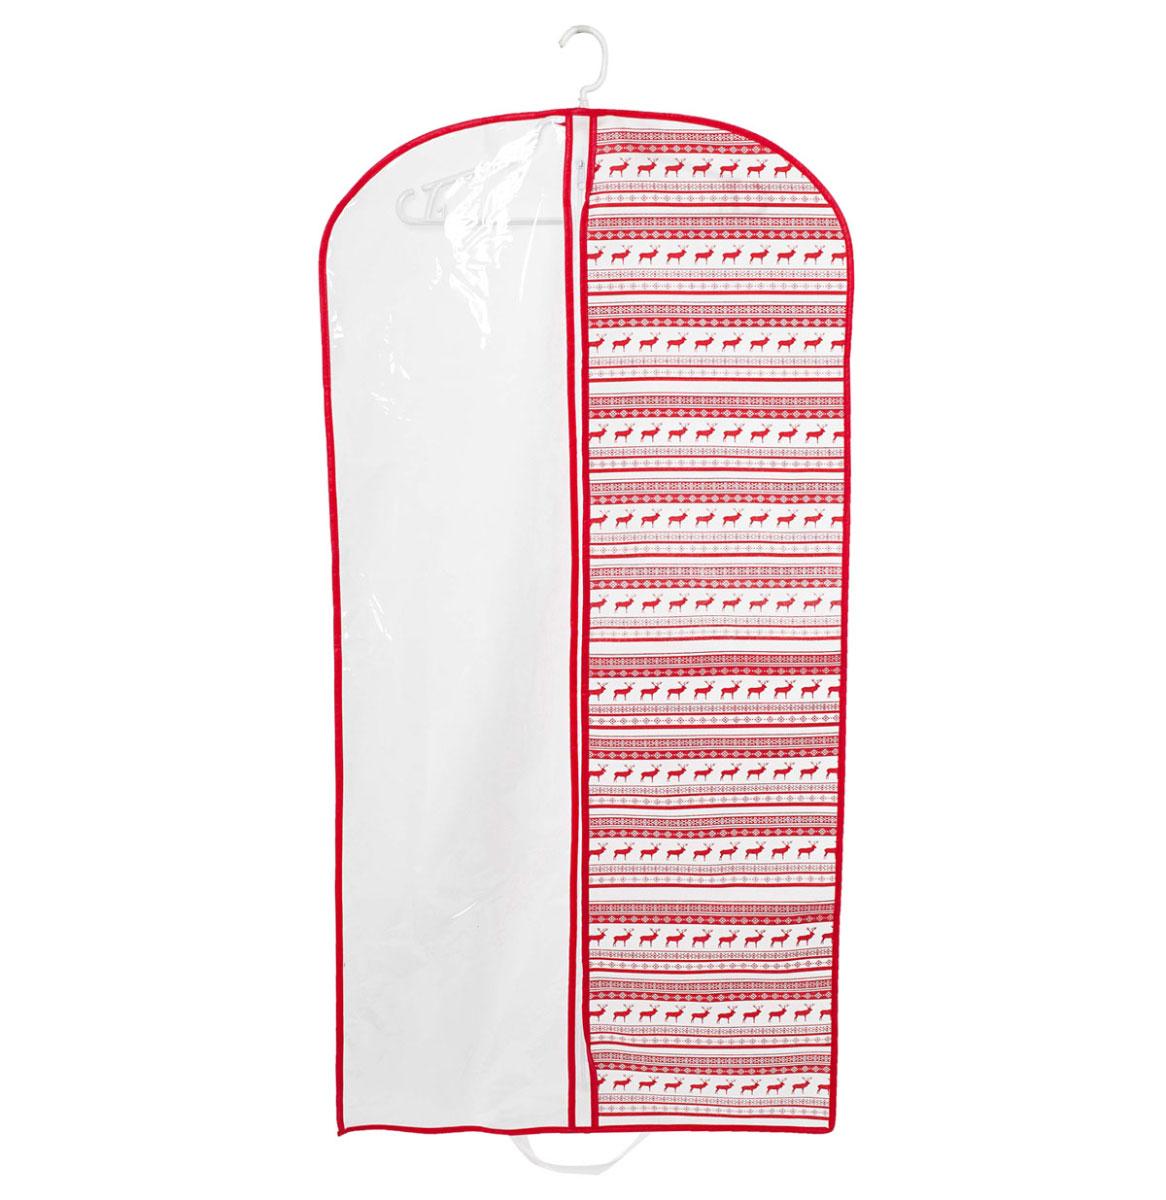 Чехол для одежды Homsu Scandinavia, подвесной, с прозрачной вставкой, 120 х 60 смRG-D31SПодвесной чехол для одежды Homsu Scandinavia на застежке-молнии выполнен из высококачественного нетканого материала. Чехол снабжен прозрачной вставкой из ПВХ, что позволяет легко просматривать содержимое. Изделие подходит для длительного хранения вещей.Чехол обеспечит вашей одежде надежную защиту от влажности, повреждений и грязи при транспортировке, от запыления при хранении и проникновения моли. Чехол позволяет воздуху свободно поступать внутрь вещей, обеспечивая их кондиционирование. Это особенно важно при хранении кожаных и меховых изделий.Чехол для одежды Homsu Scandinavia создаст уютную атмосферу в гардеробе. Лаконичный дизайн придется по вкусу ценительницам эстетичного хранения и сделают вашу гардеробную изысканной и невероятно стильной.Размер чехла: 120 х 60 см.